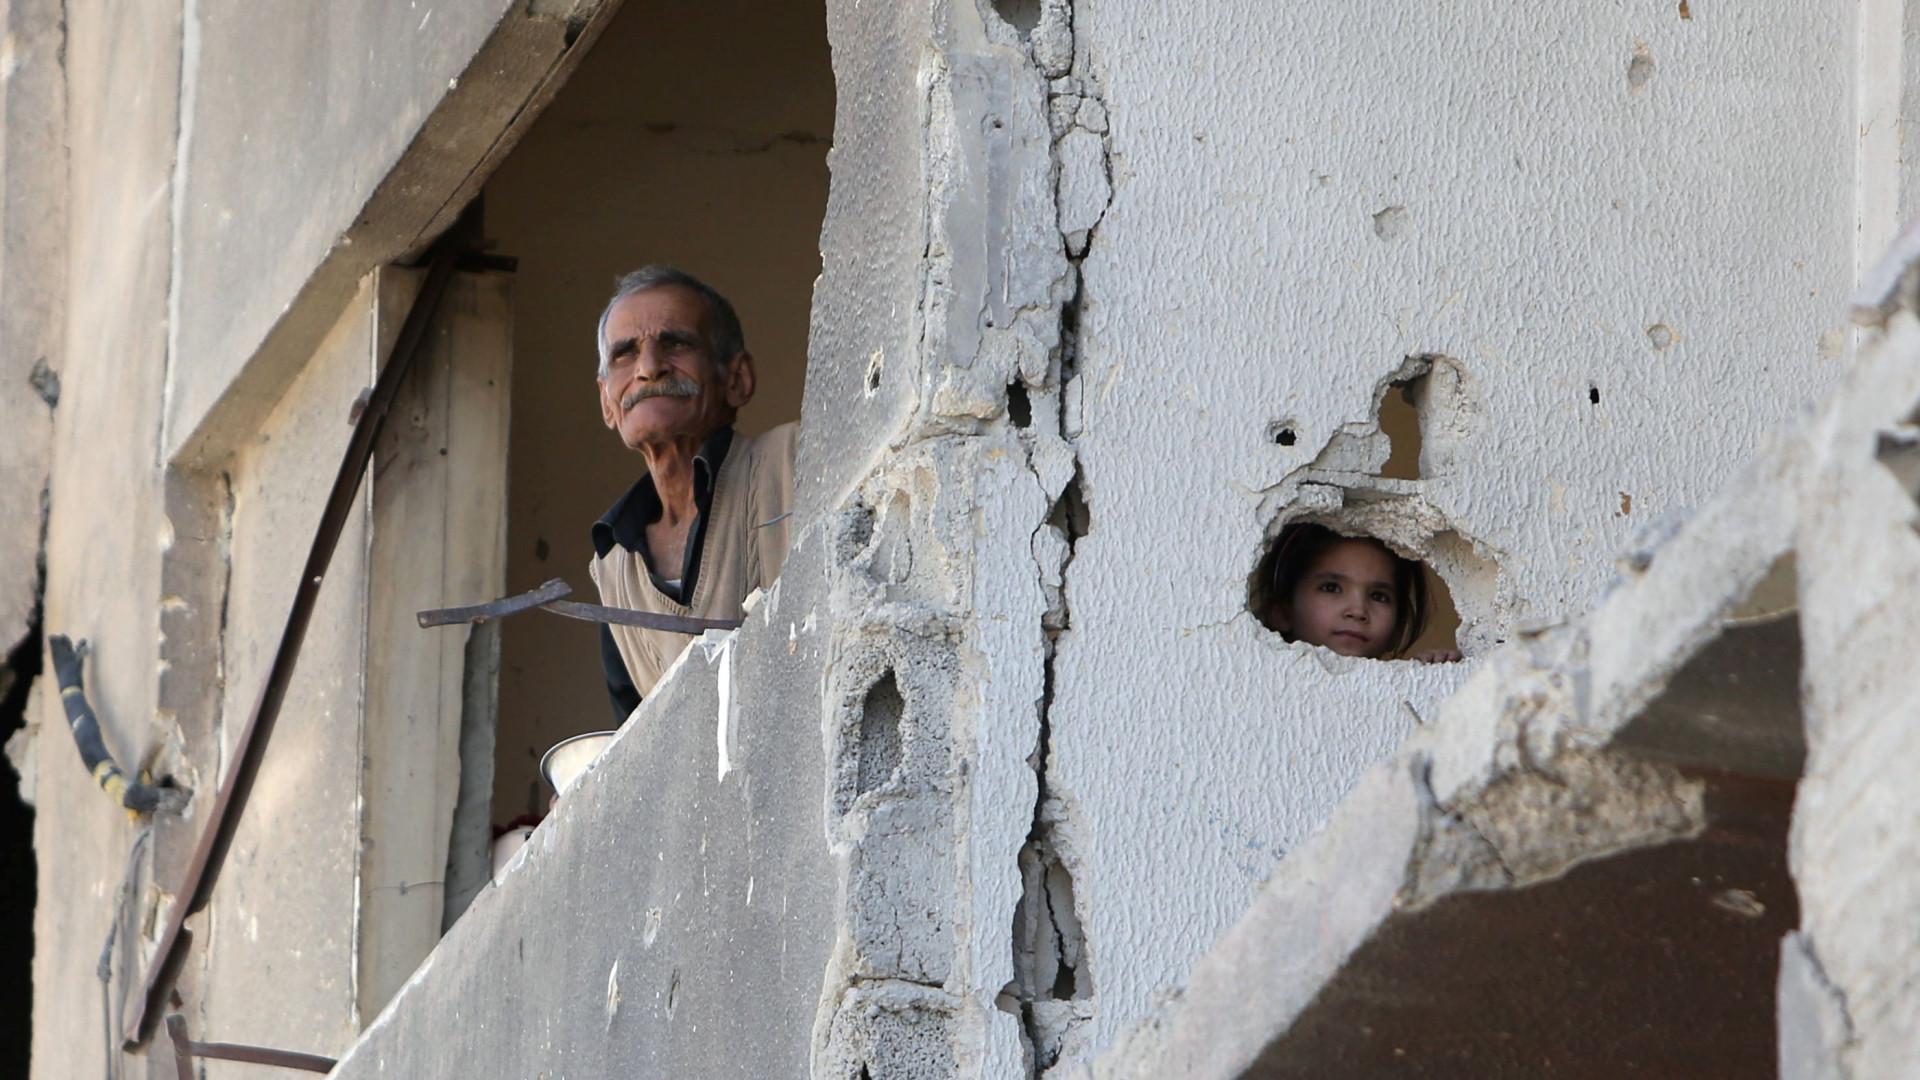 Investigadores da OPAQ terão acesso a Douma na quarta-feira